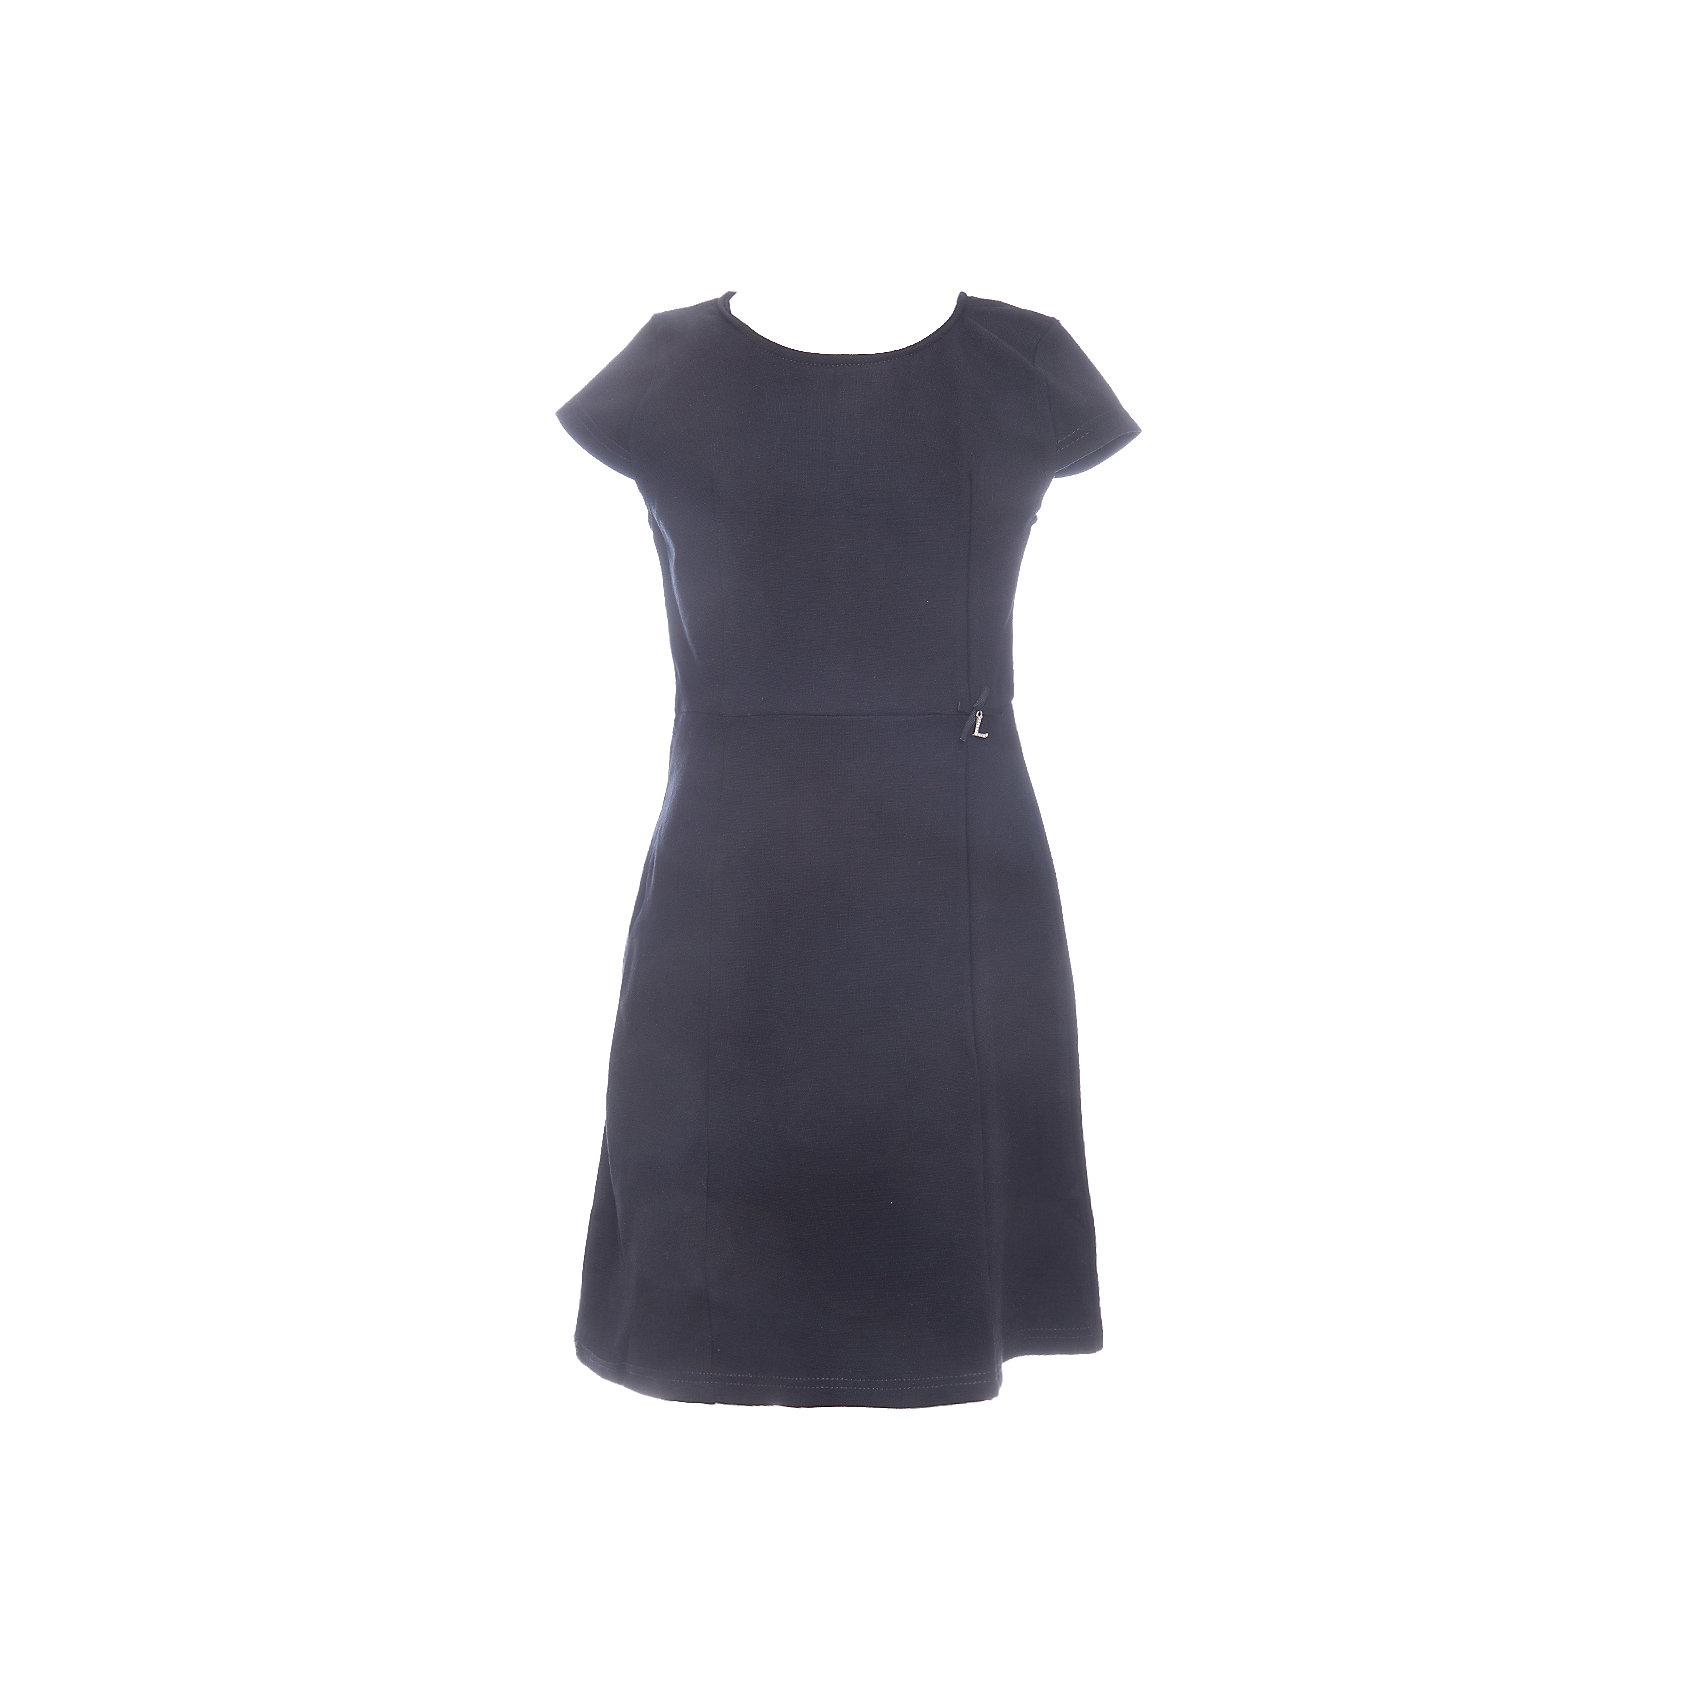 Платье для девочки LuminosoПлатья и сарафаны<br>Характеристики товара:<br><br>• цвет: черный;<br>• состав: 65% хлопок 30% полиэстер 5% эластан;<br>• сезон: демисезон;<br>• особенности: школьное, приталенное;<br>• застежка: молния;<br>• с коротким рукавом:<br>• декорировано бантиком;<br>• страна бренда: Россия;<br>• страна производства: Китай.<br><br>Черное классическое трикотажное платье с коротким рукавом для девочки приталенного кроя с округлым вырезом и коротким рукавом. Школьное платье застегивается на молнию на спине.<br><br>Платье для девочки Luminoso (Люминосо) можно купить в нашем интернет-магазине.<br><br>Ширина мм: 236<br>Глубина мм: 16<br>Высота мм: 184<br>Вес г: 177<br>Цвет: черный<br>Возраст от месяцев: 156<br>Возраст до месяцев: 168<br>Пол: Женский<br>Возраст: Детский<br>Размер: 164,122,128,134,140,146,152,158<br>SKU: 6672815